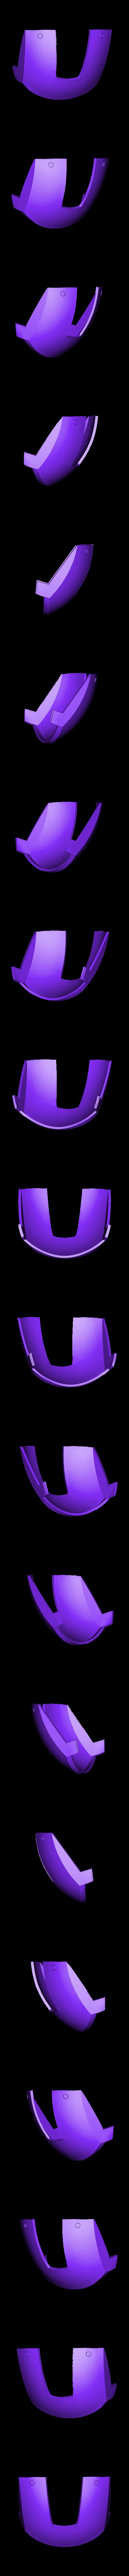 helmet1.stl Download free STL file here • 3D print model, xxj4danizxx